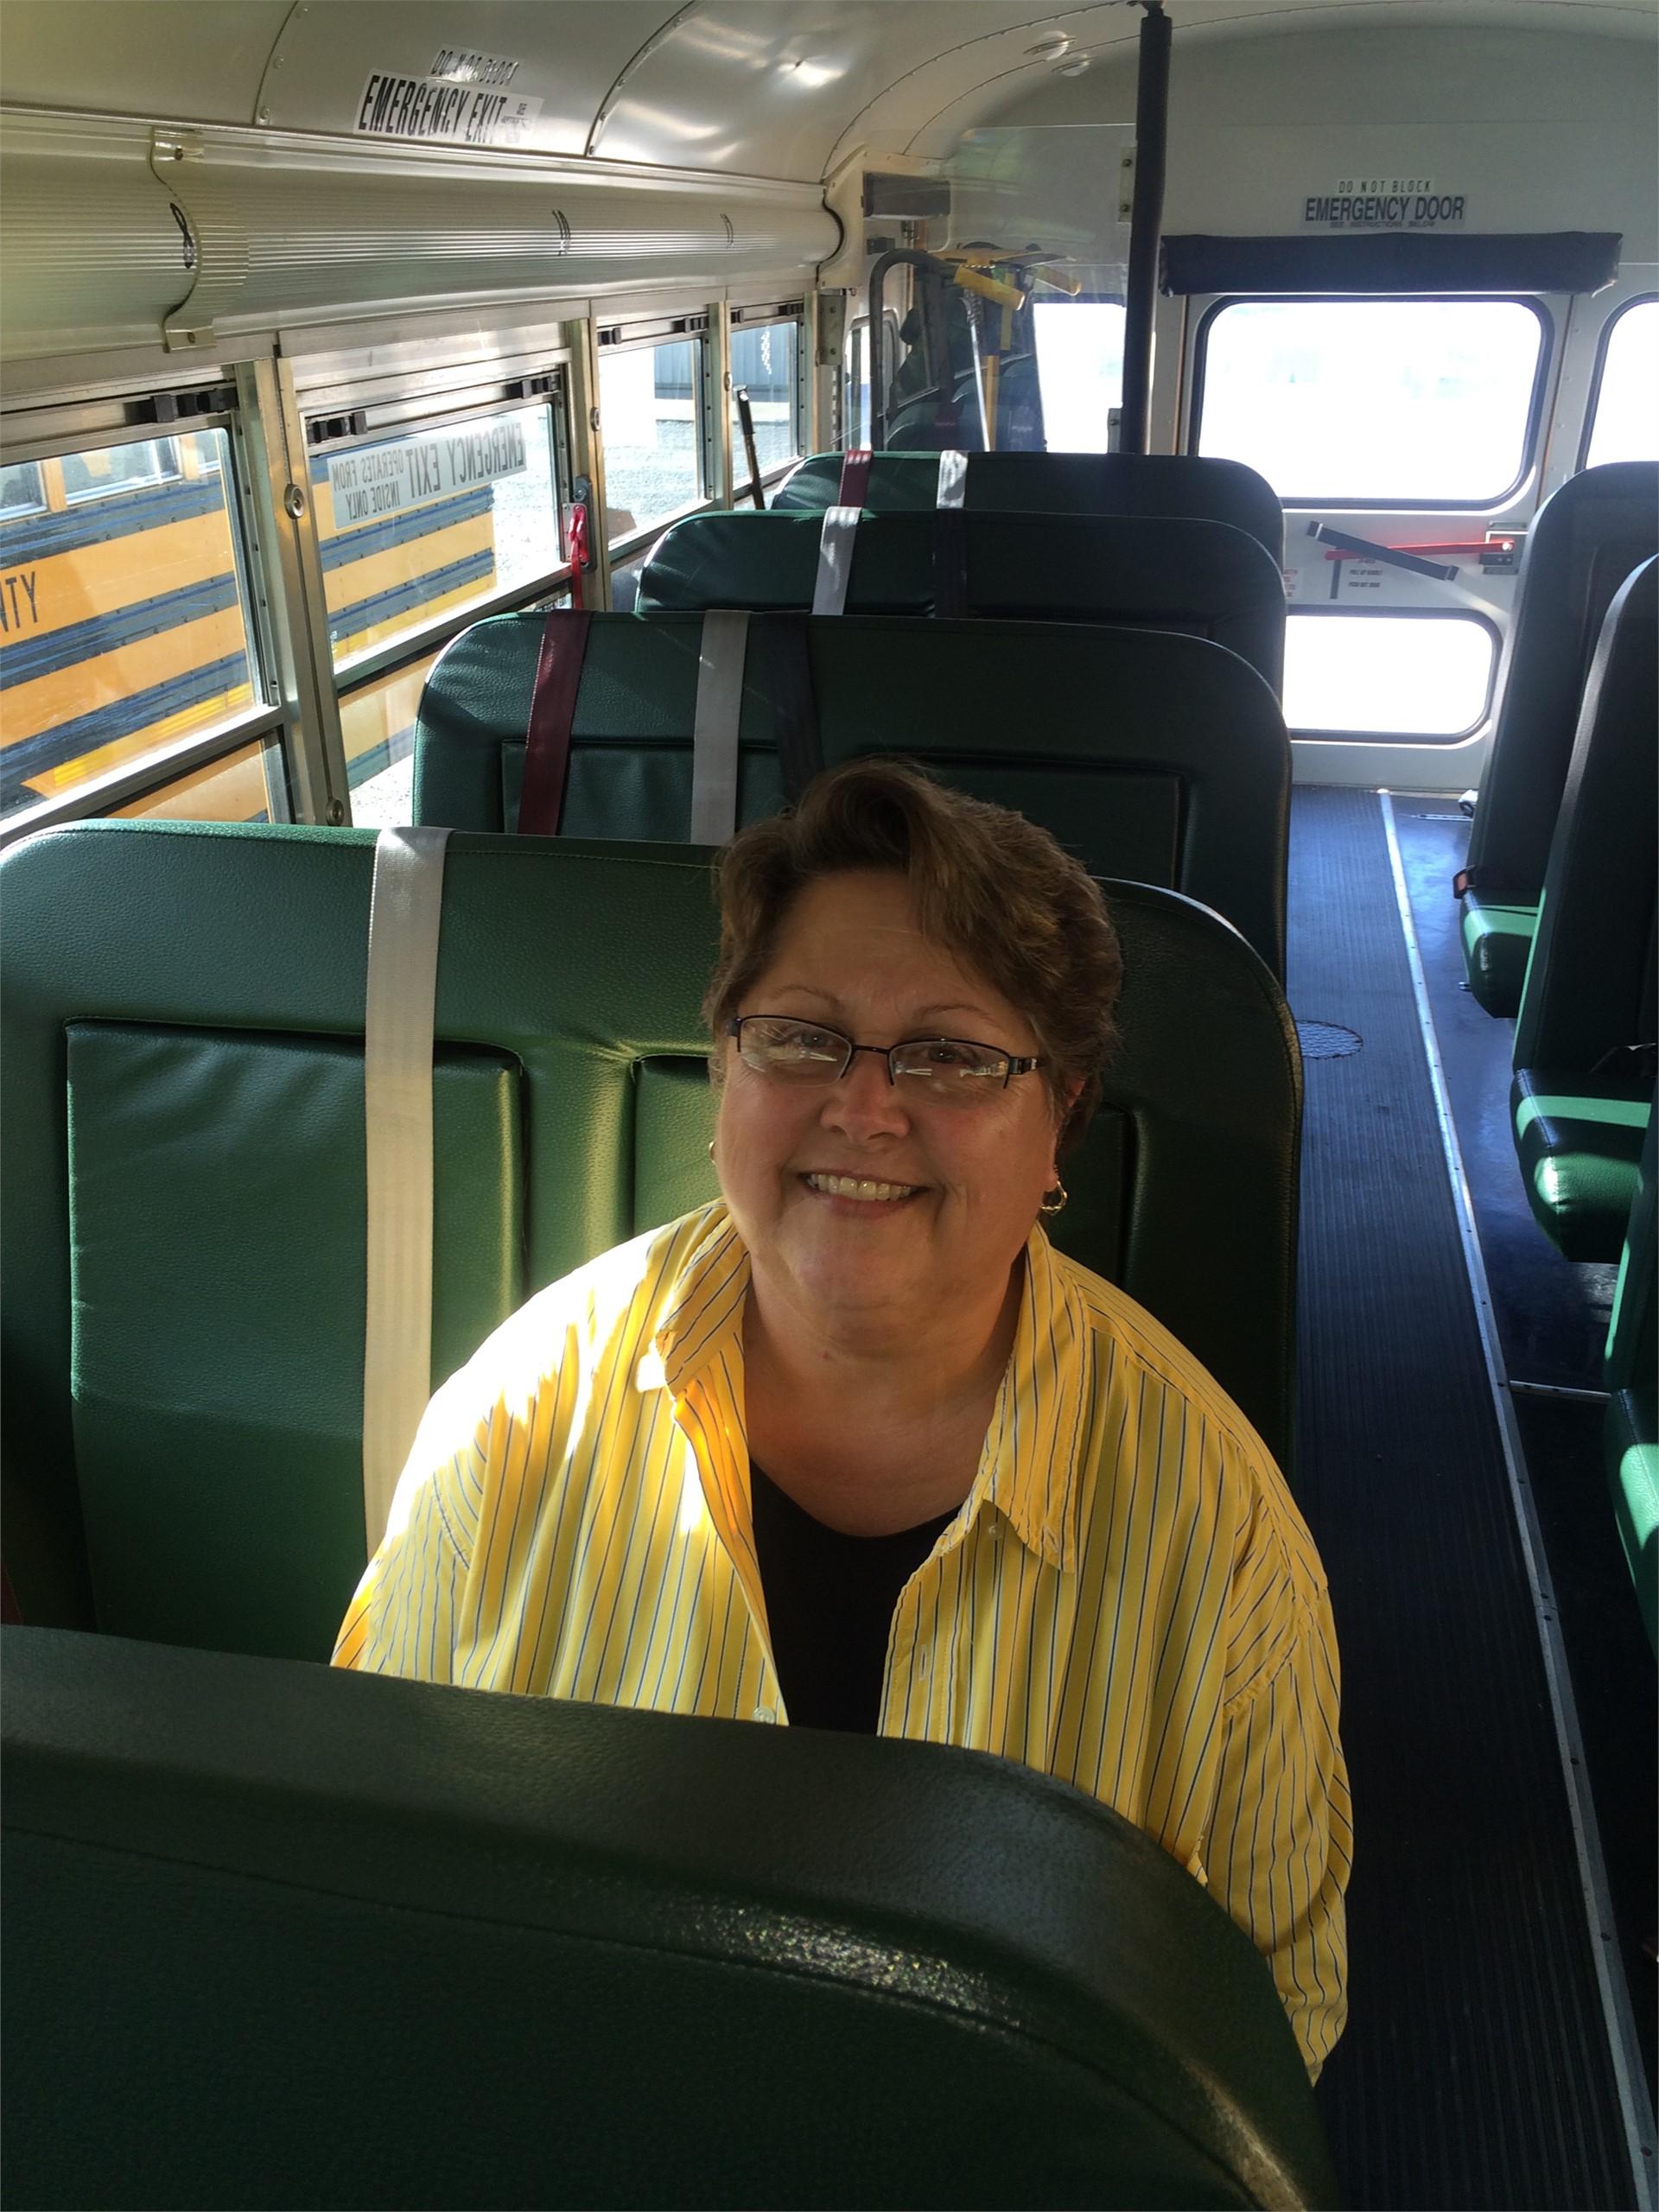 Ms. Gail Brown